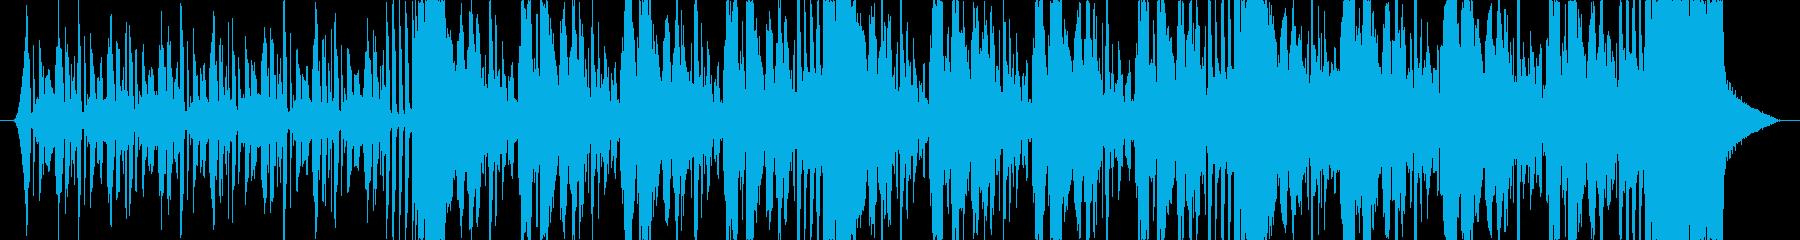 宇宙的、近未来的な楽曲の再生済みの波形